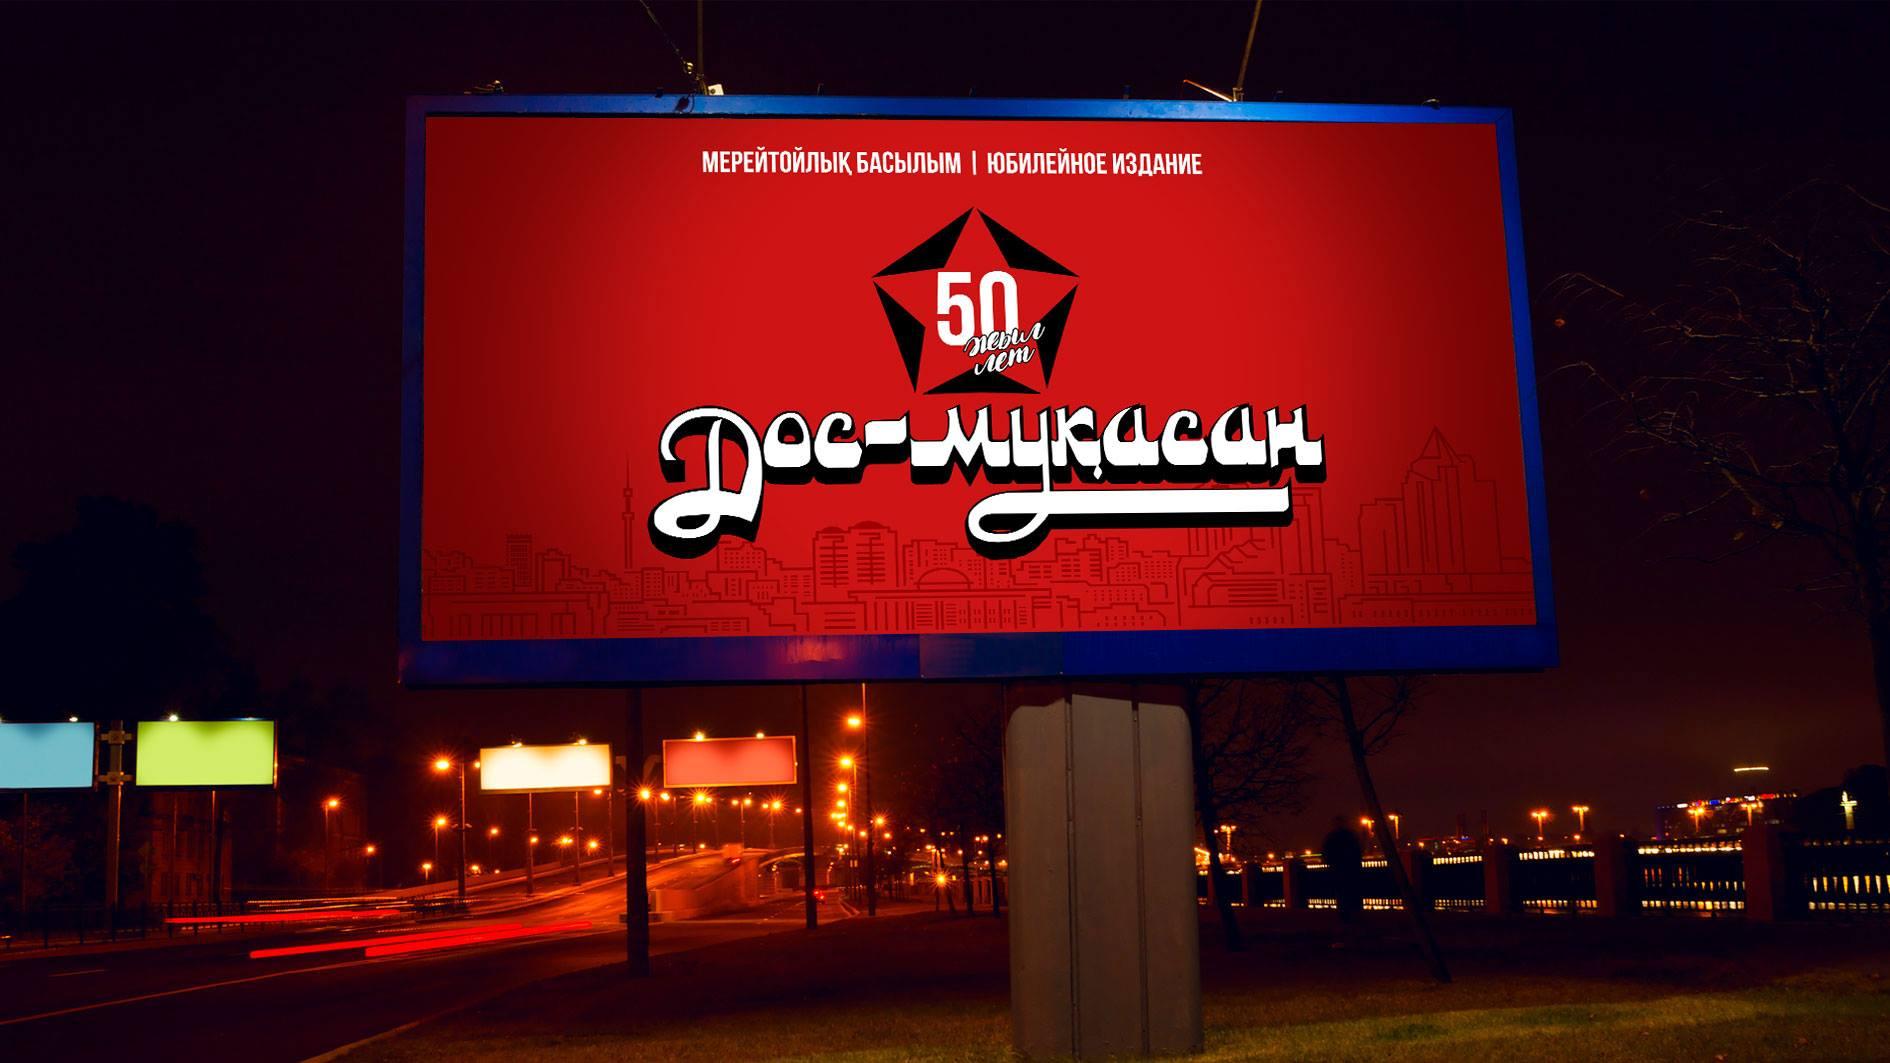 Бигборд. Дос Мукасан. Концепт к 50-летию коллектива от Бахи Меирханова